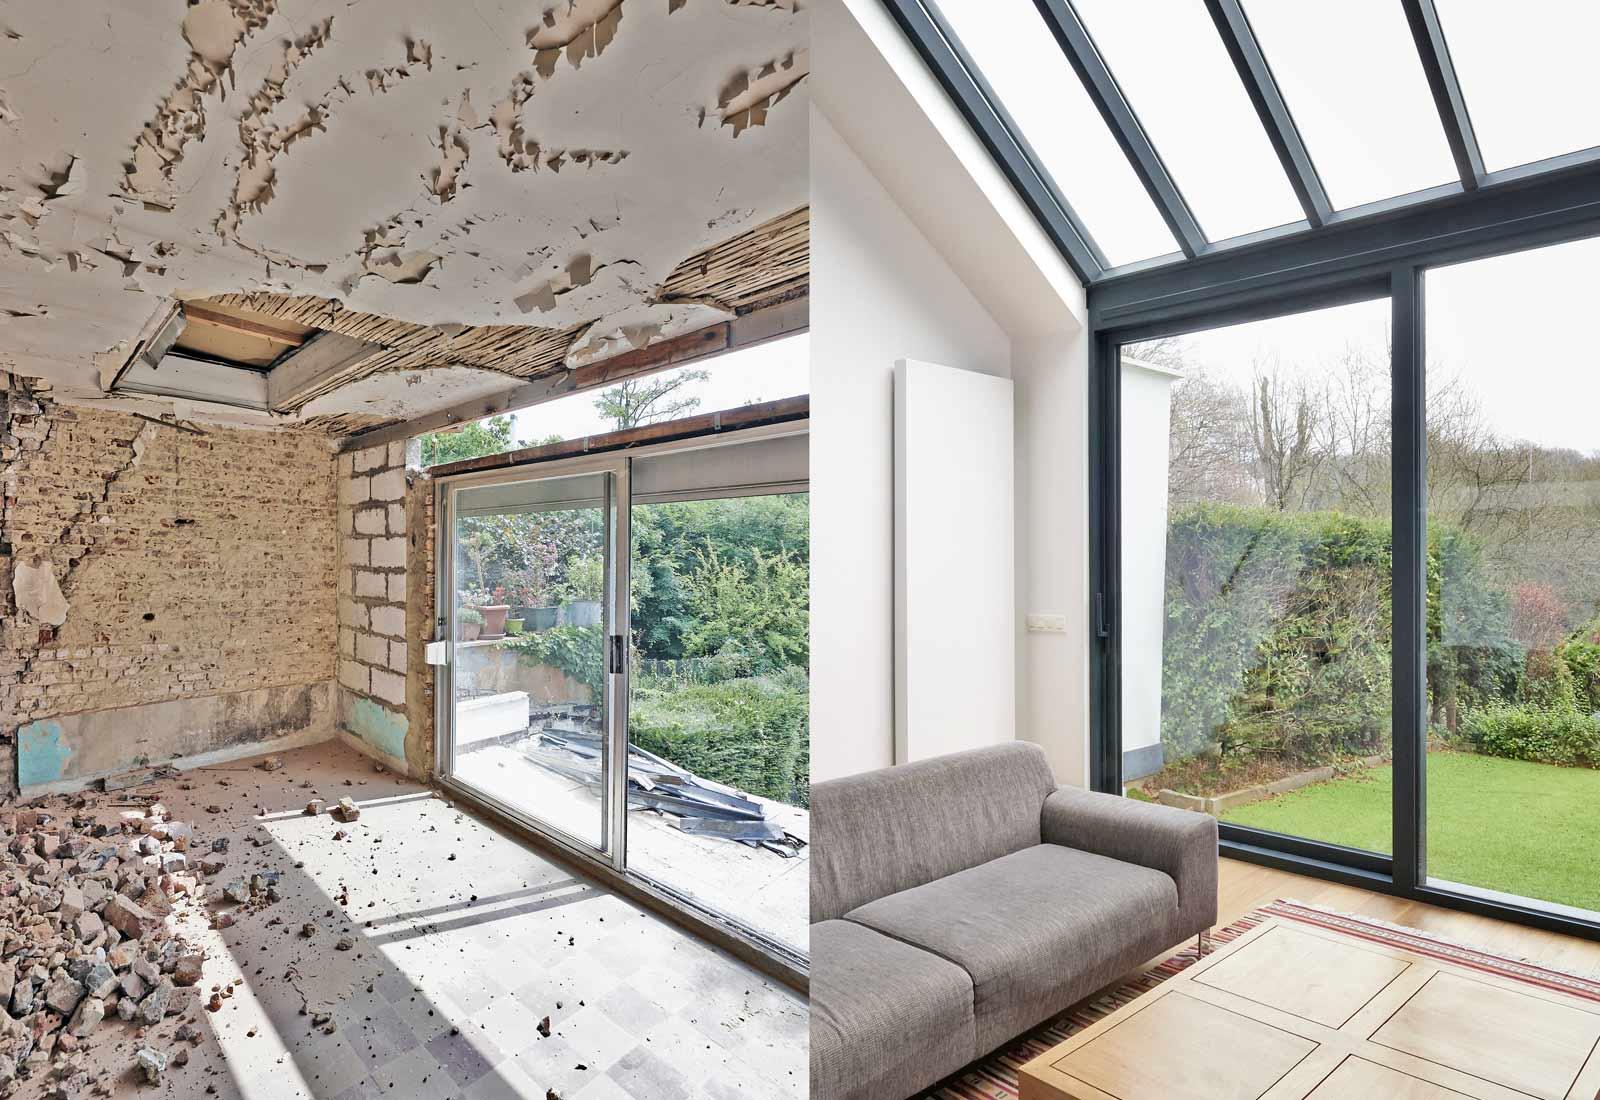 travaux de r novation am nagement projet de r novation. Black Bedroom Furniture Sets. Home Design Ideas